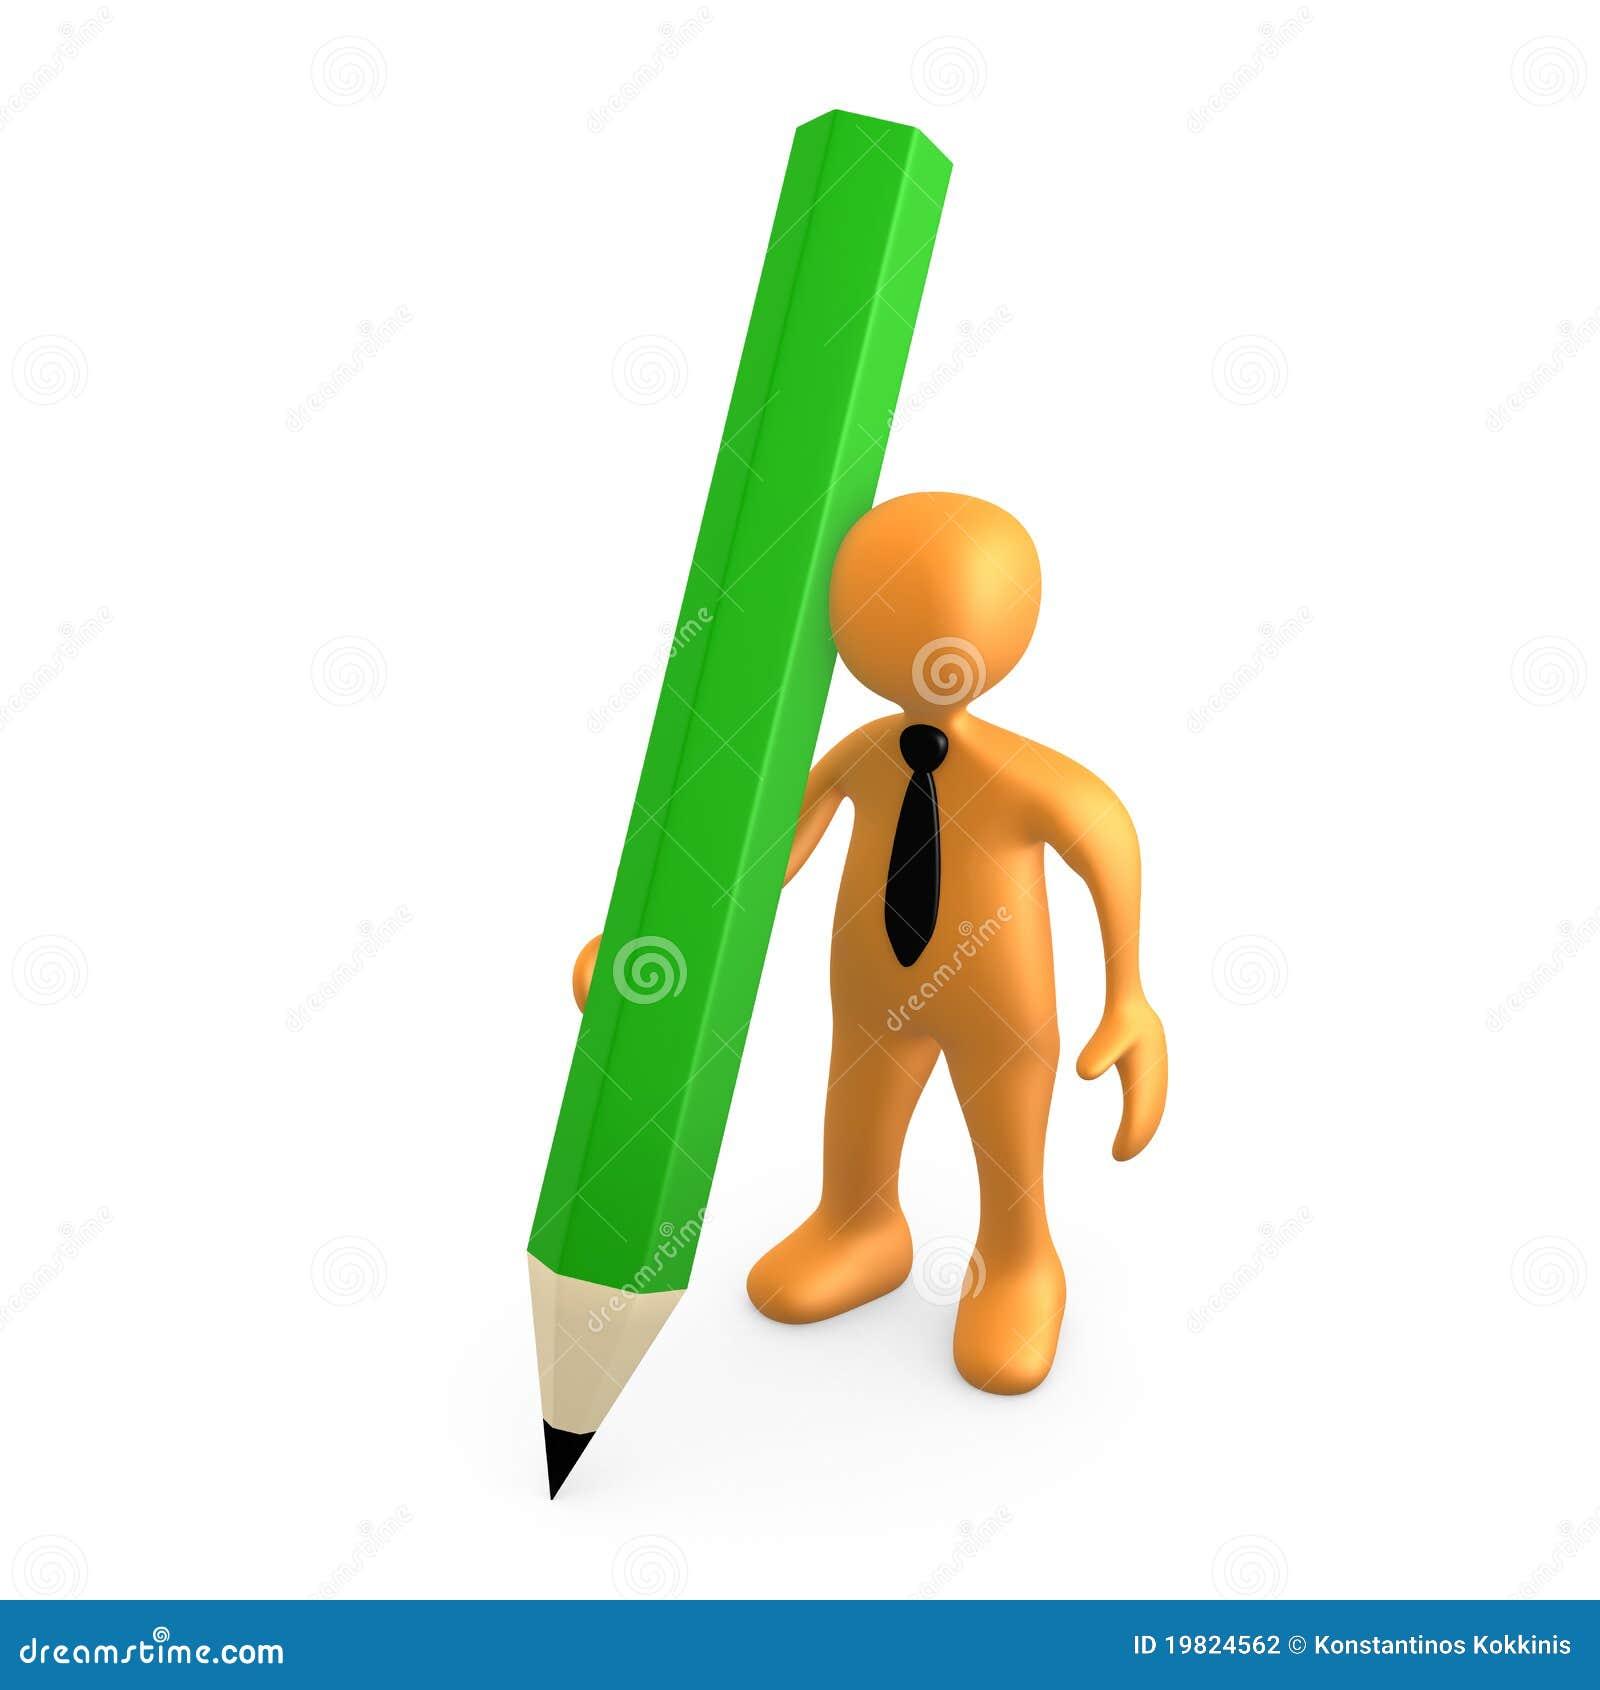 Preschool Pre-writing Skills Worksheets